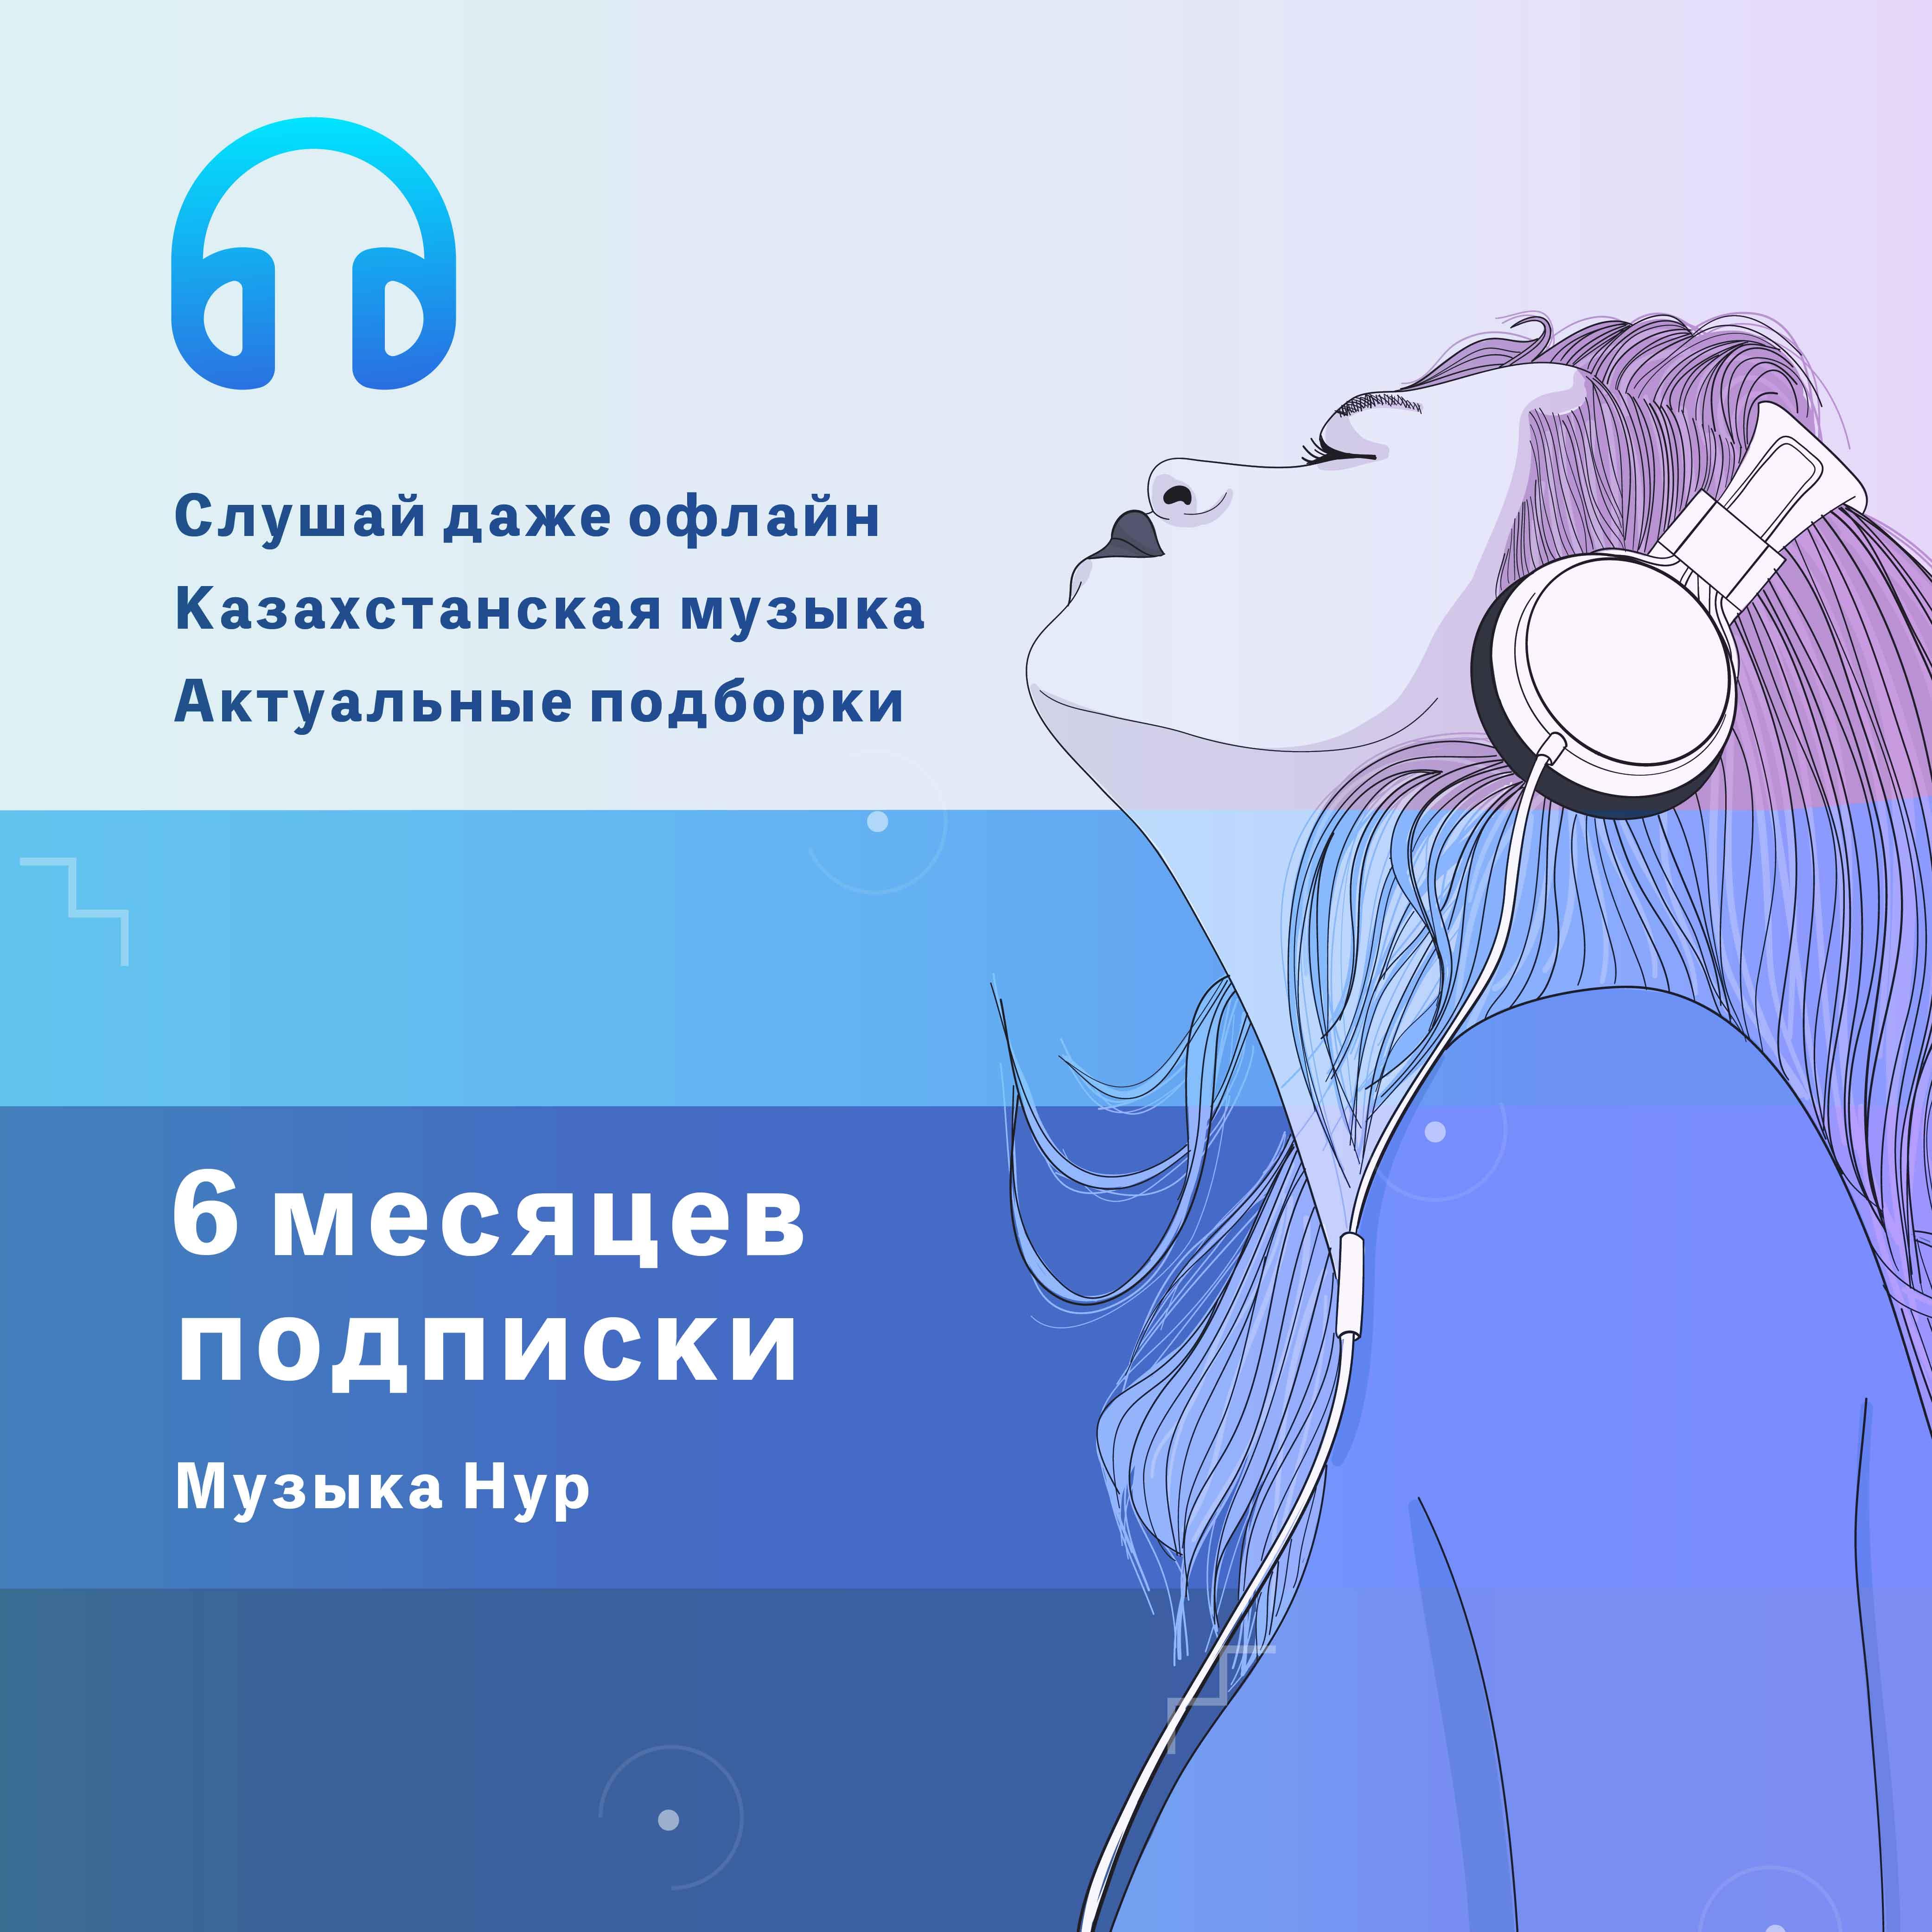 """Подписка """"Музыка Нур"""" на 6 месяцев"""